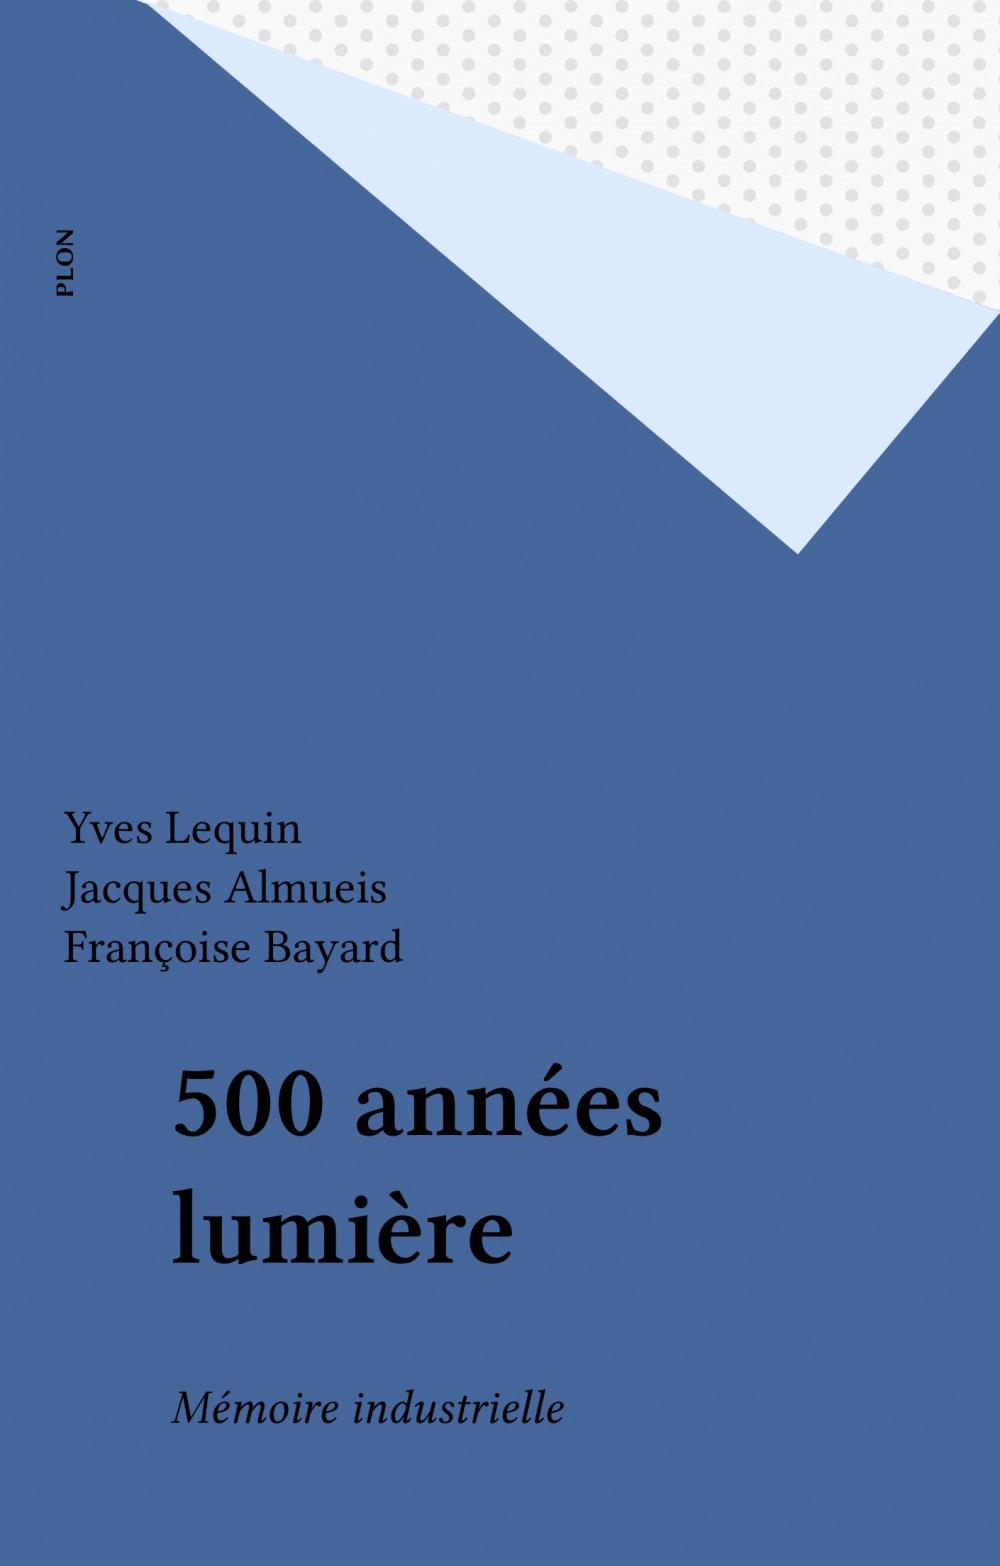 500 années lumière  - Jacques Almueis  - Françoise Bayard  - Yves Lequin